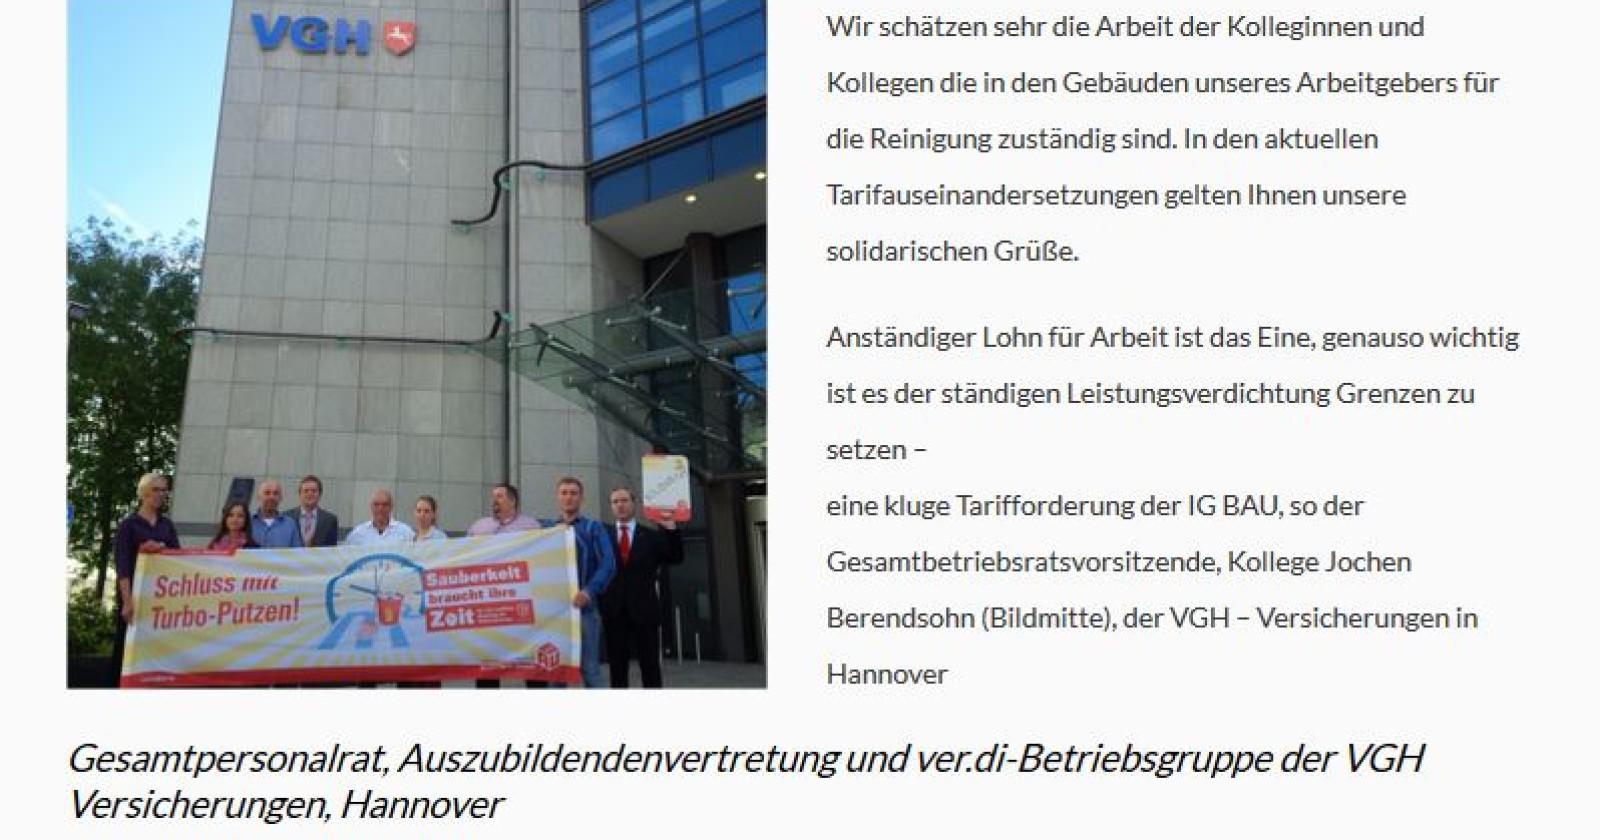 Kolleginnen & Kollegen der VGH Versicherungen in Hannover erklären sich solidarisch